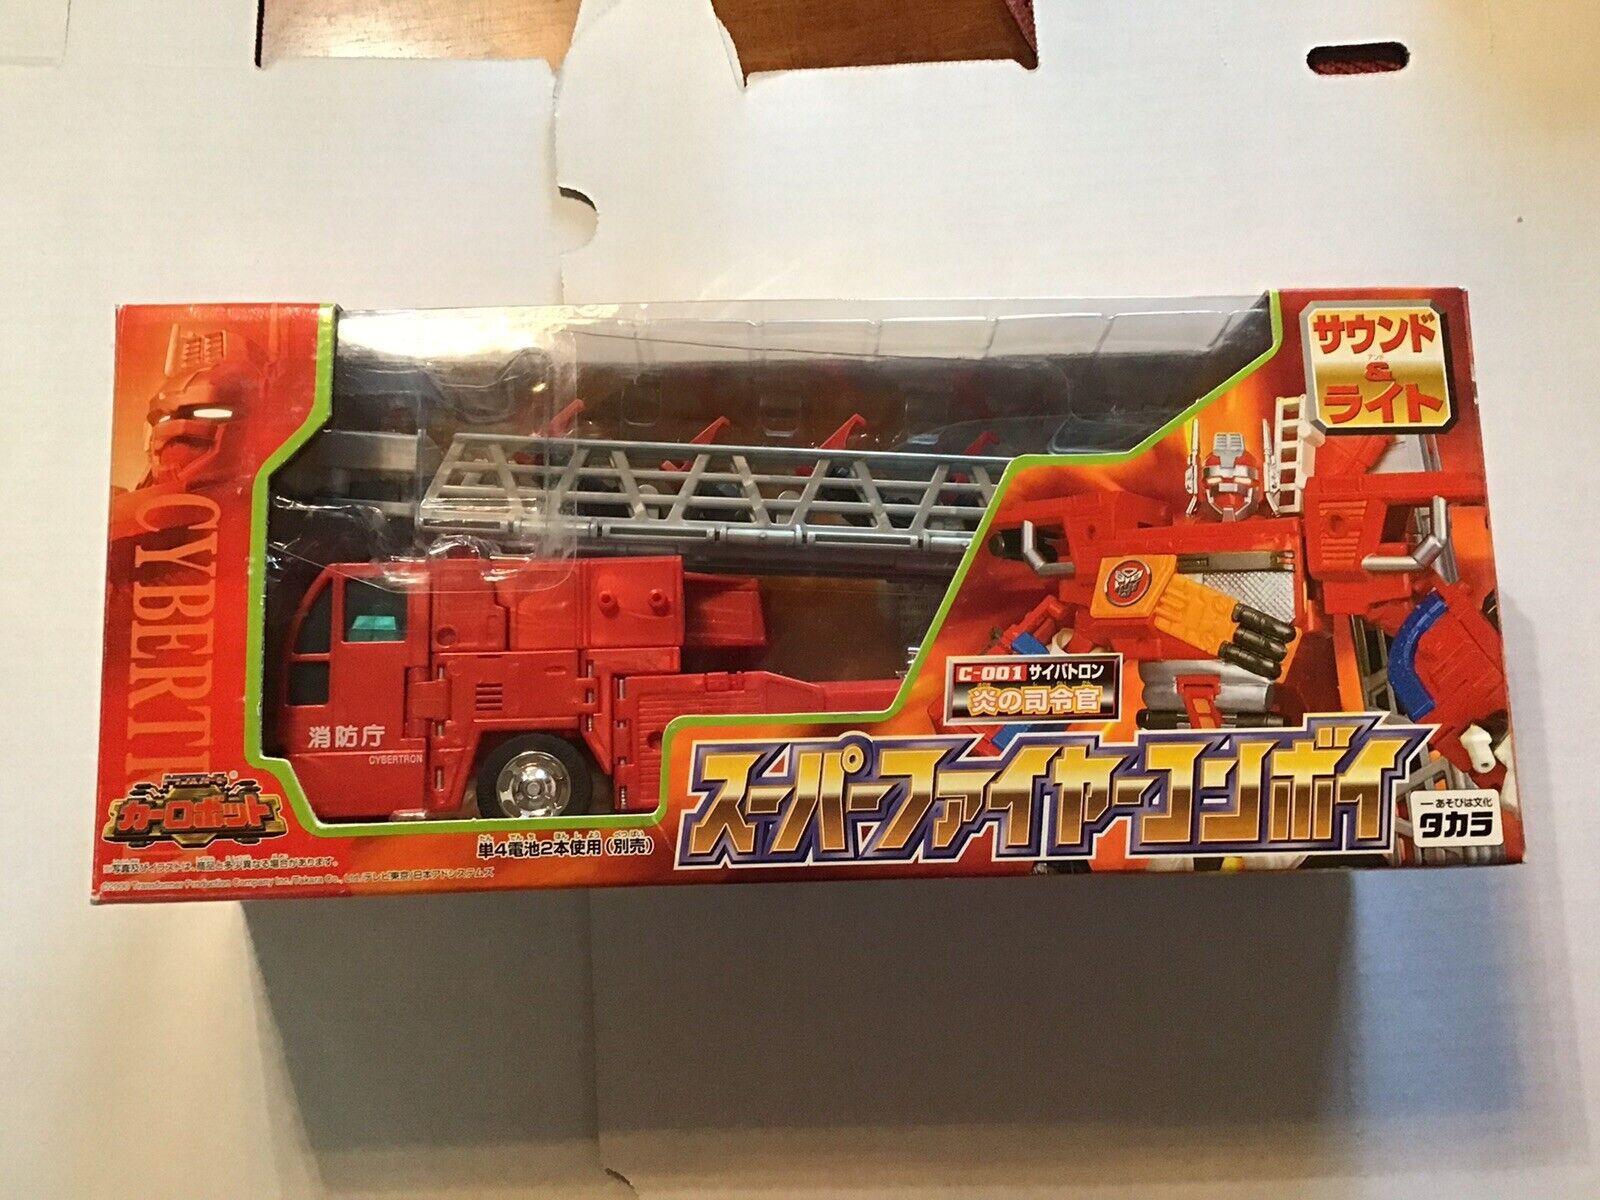 barato Seminuevo Transformers Rid Cybertron C-001 C-001 C-001 Optimus Prime súper fuego convoy Raro  venta caliente